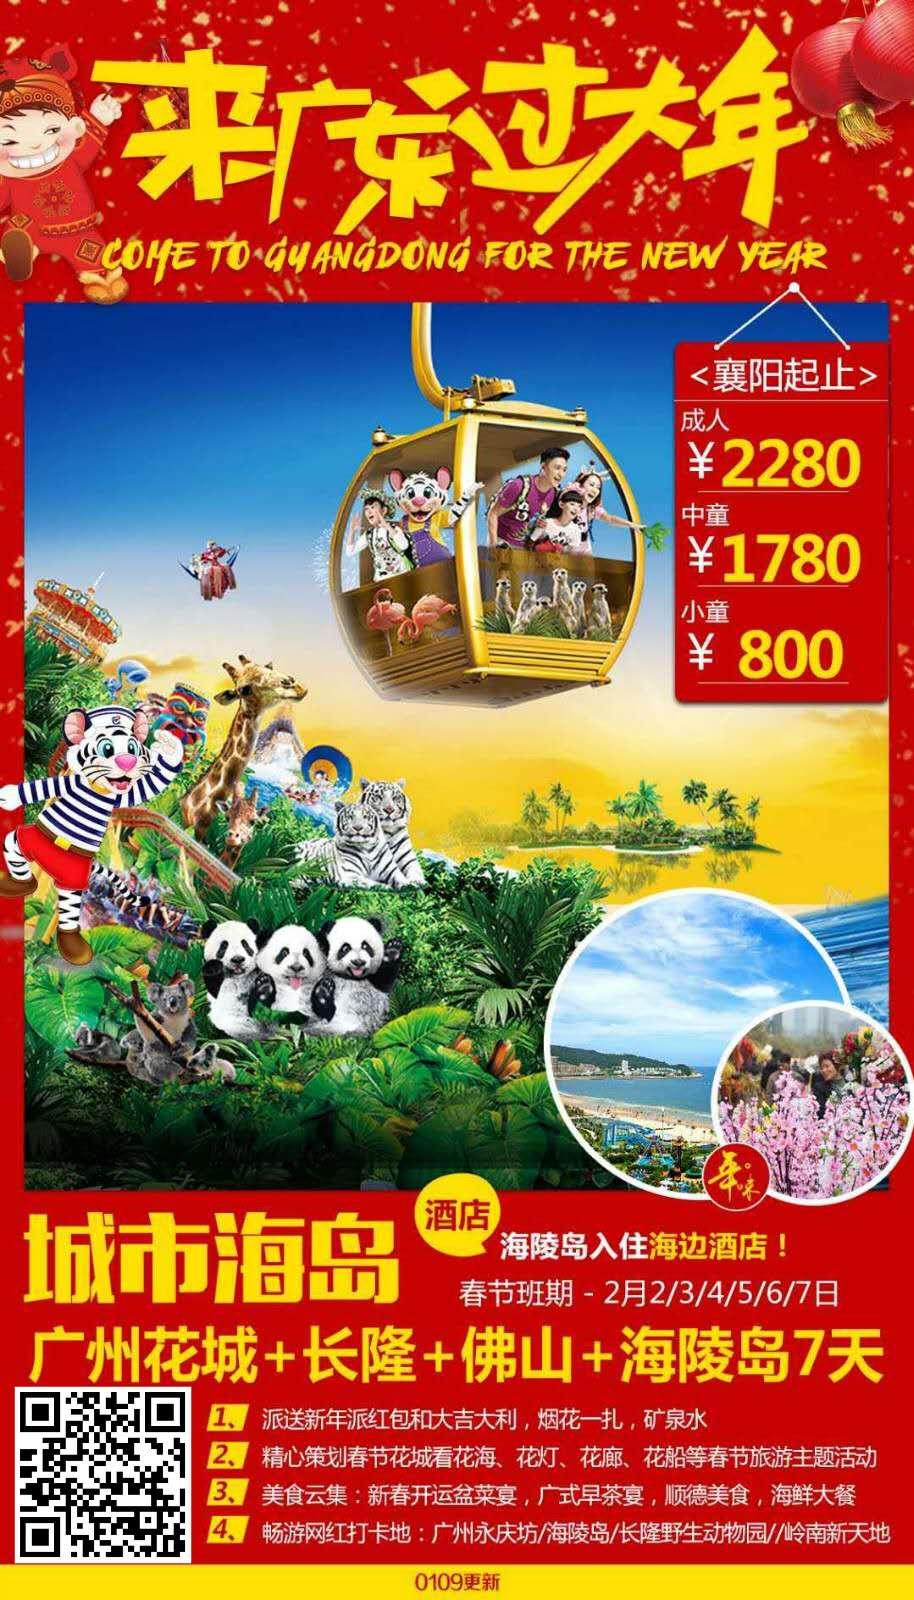 三亚国内旅游推荐_湖北可靠的国内旅游公司